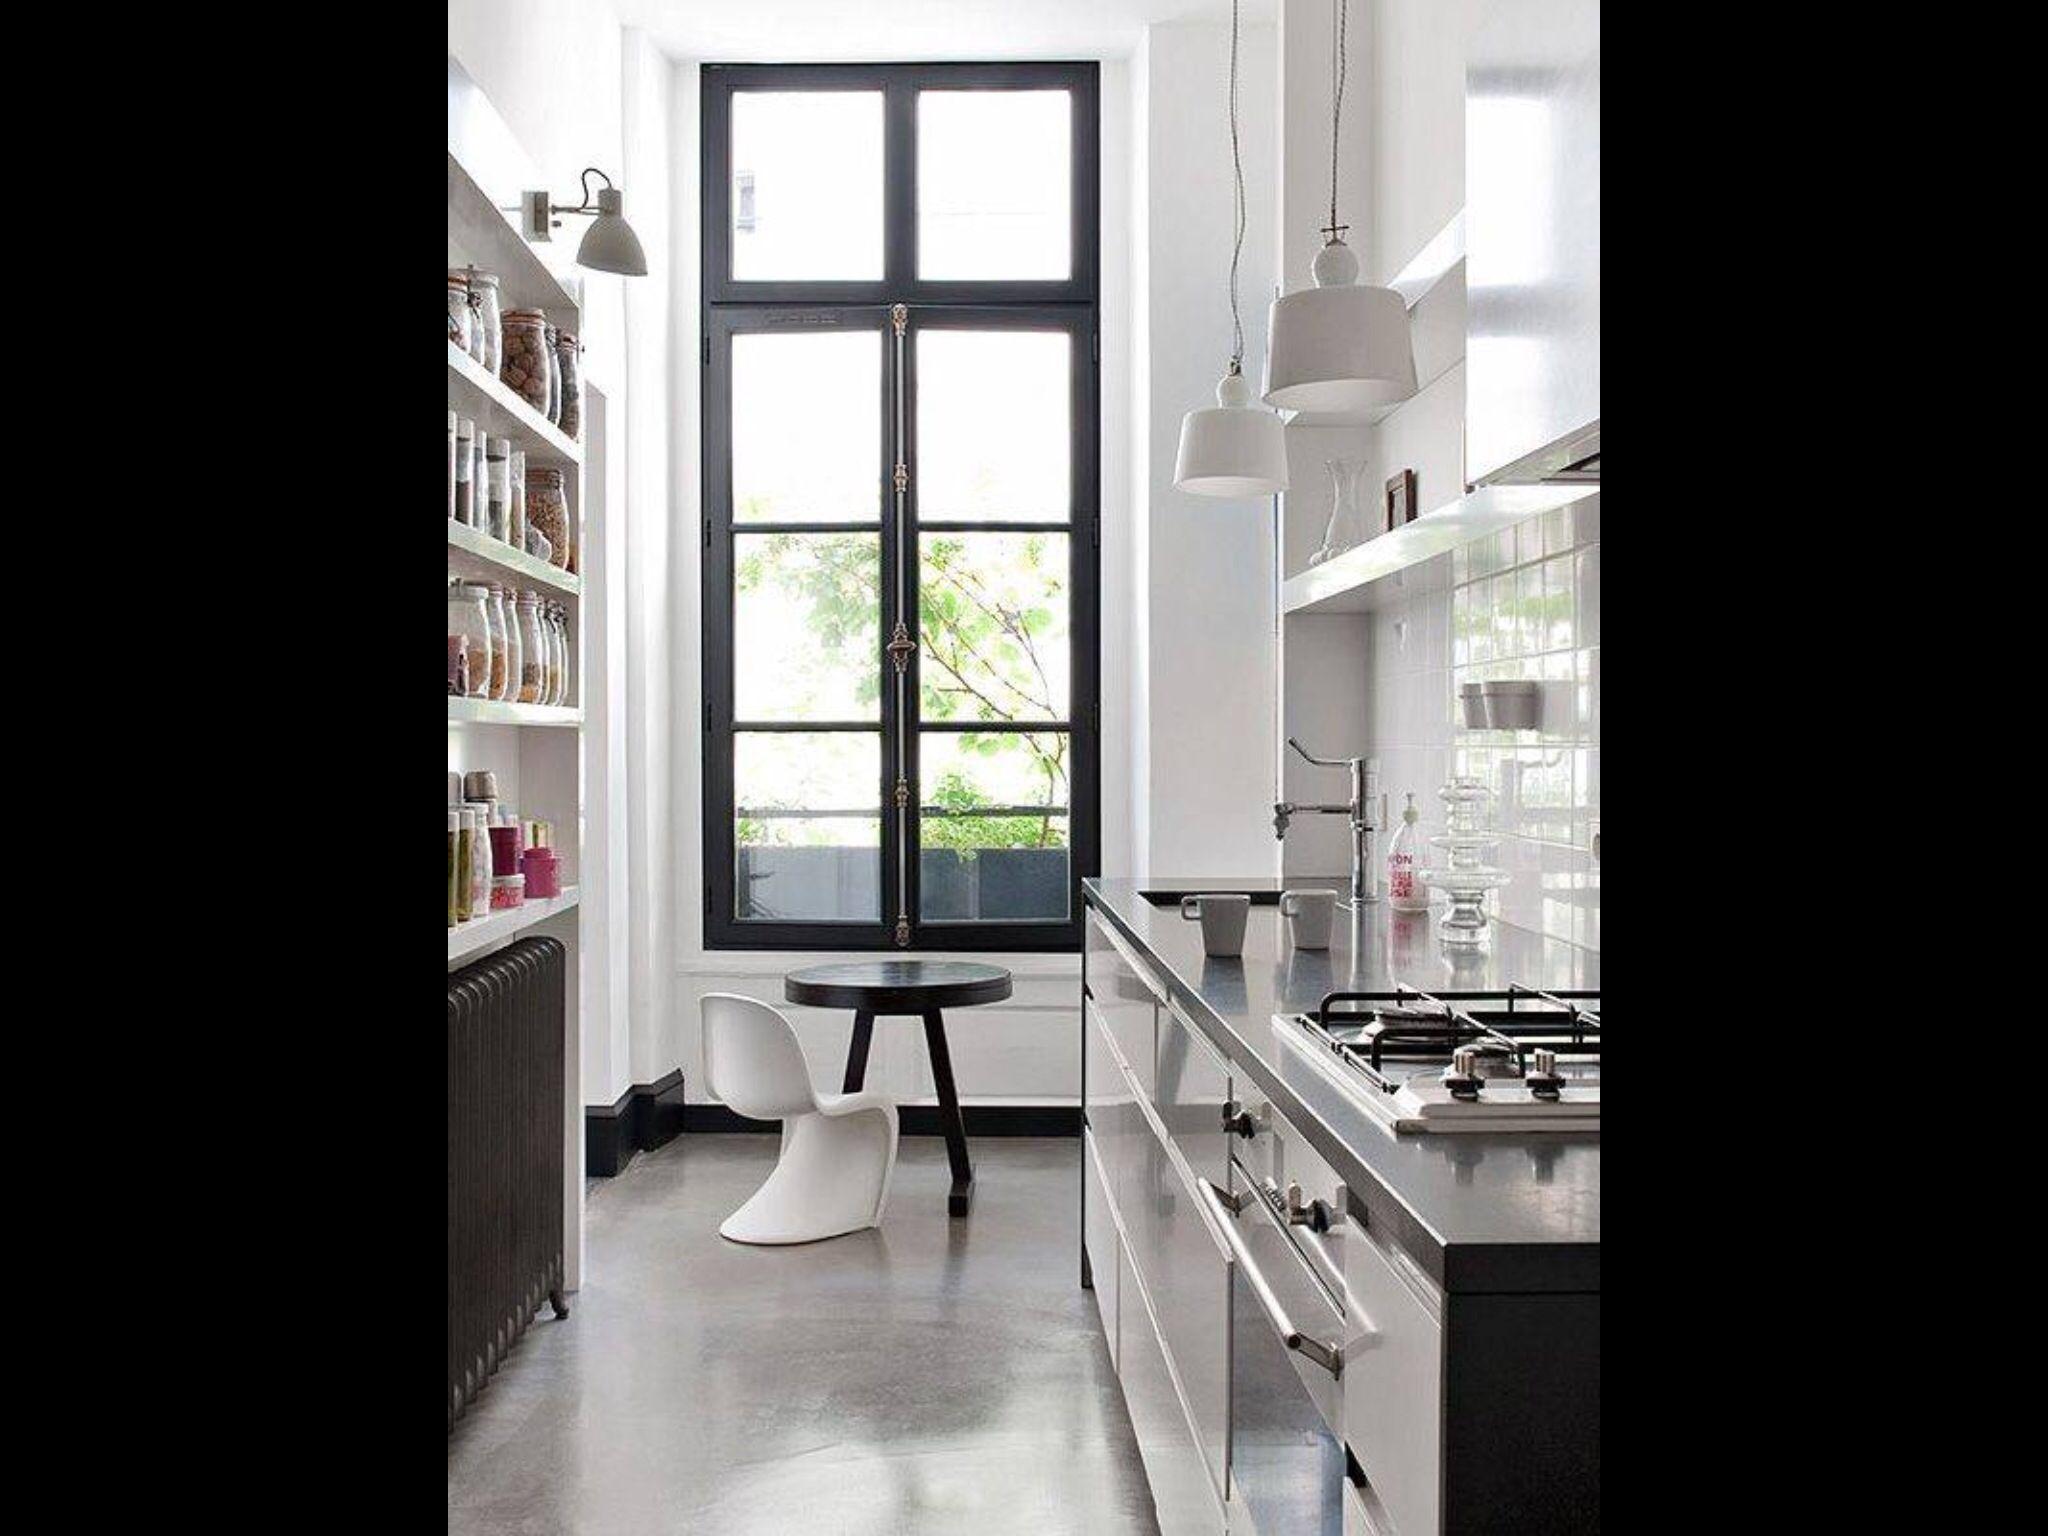 Whiteblack Galley Kitchen Of Anne Geistorfers Paris Home Love The